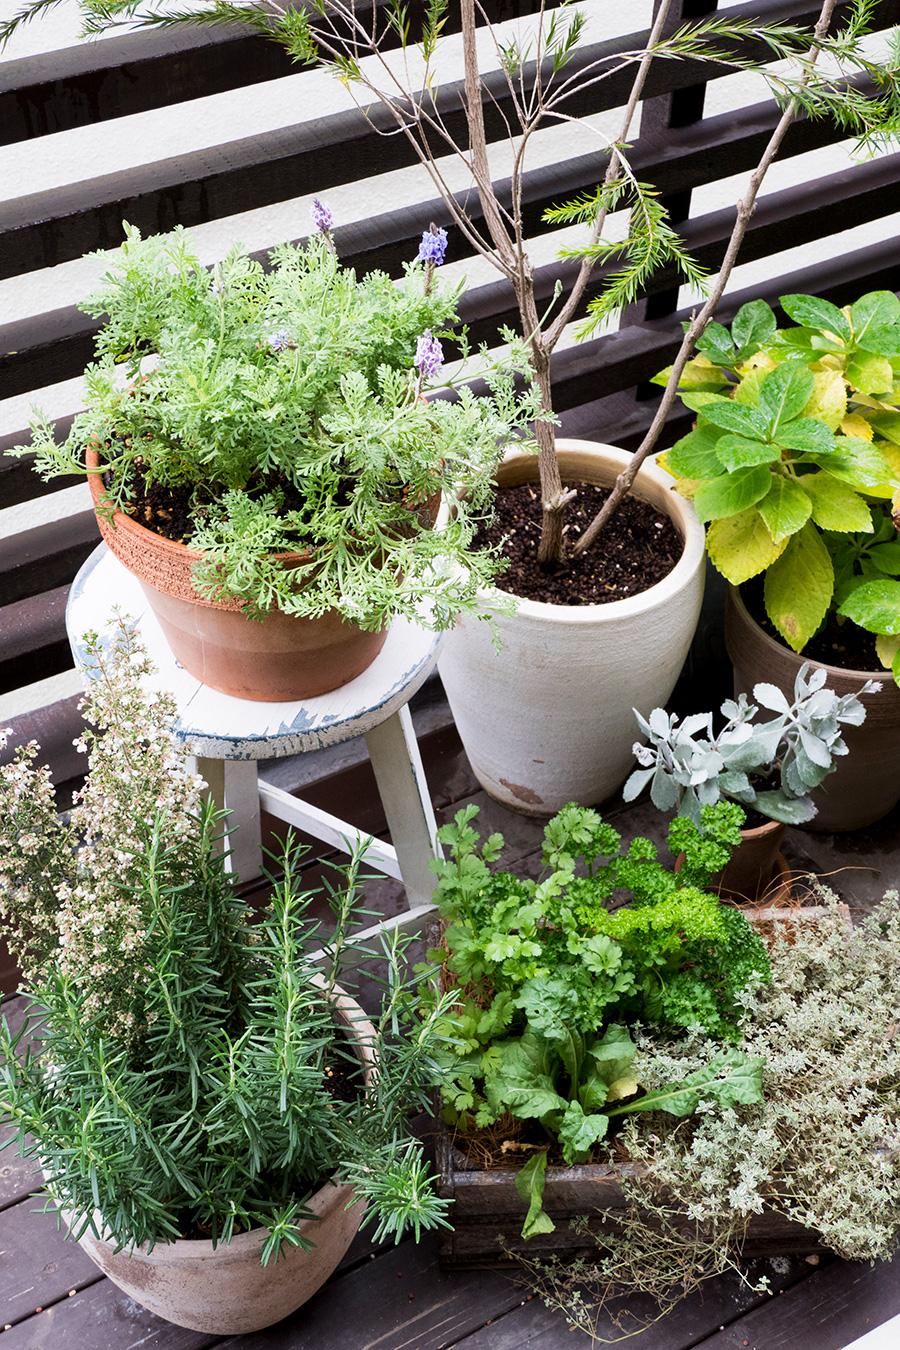 井出さんのお宅のベランダでは、ローズマリー、パセリ、タイム、ロケット、キンカンなど、ハーブ類や常緑の植物がたくさん育つ。